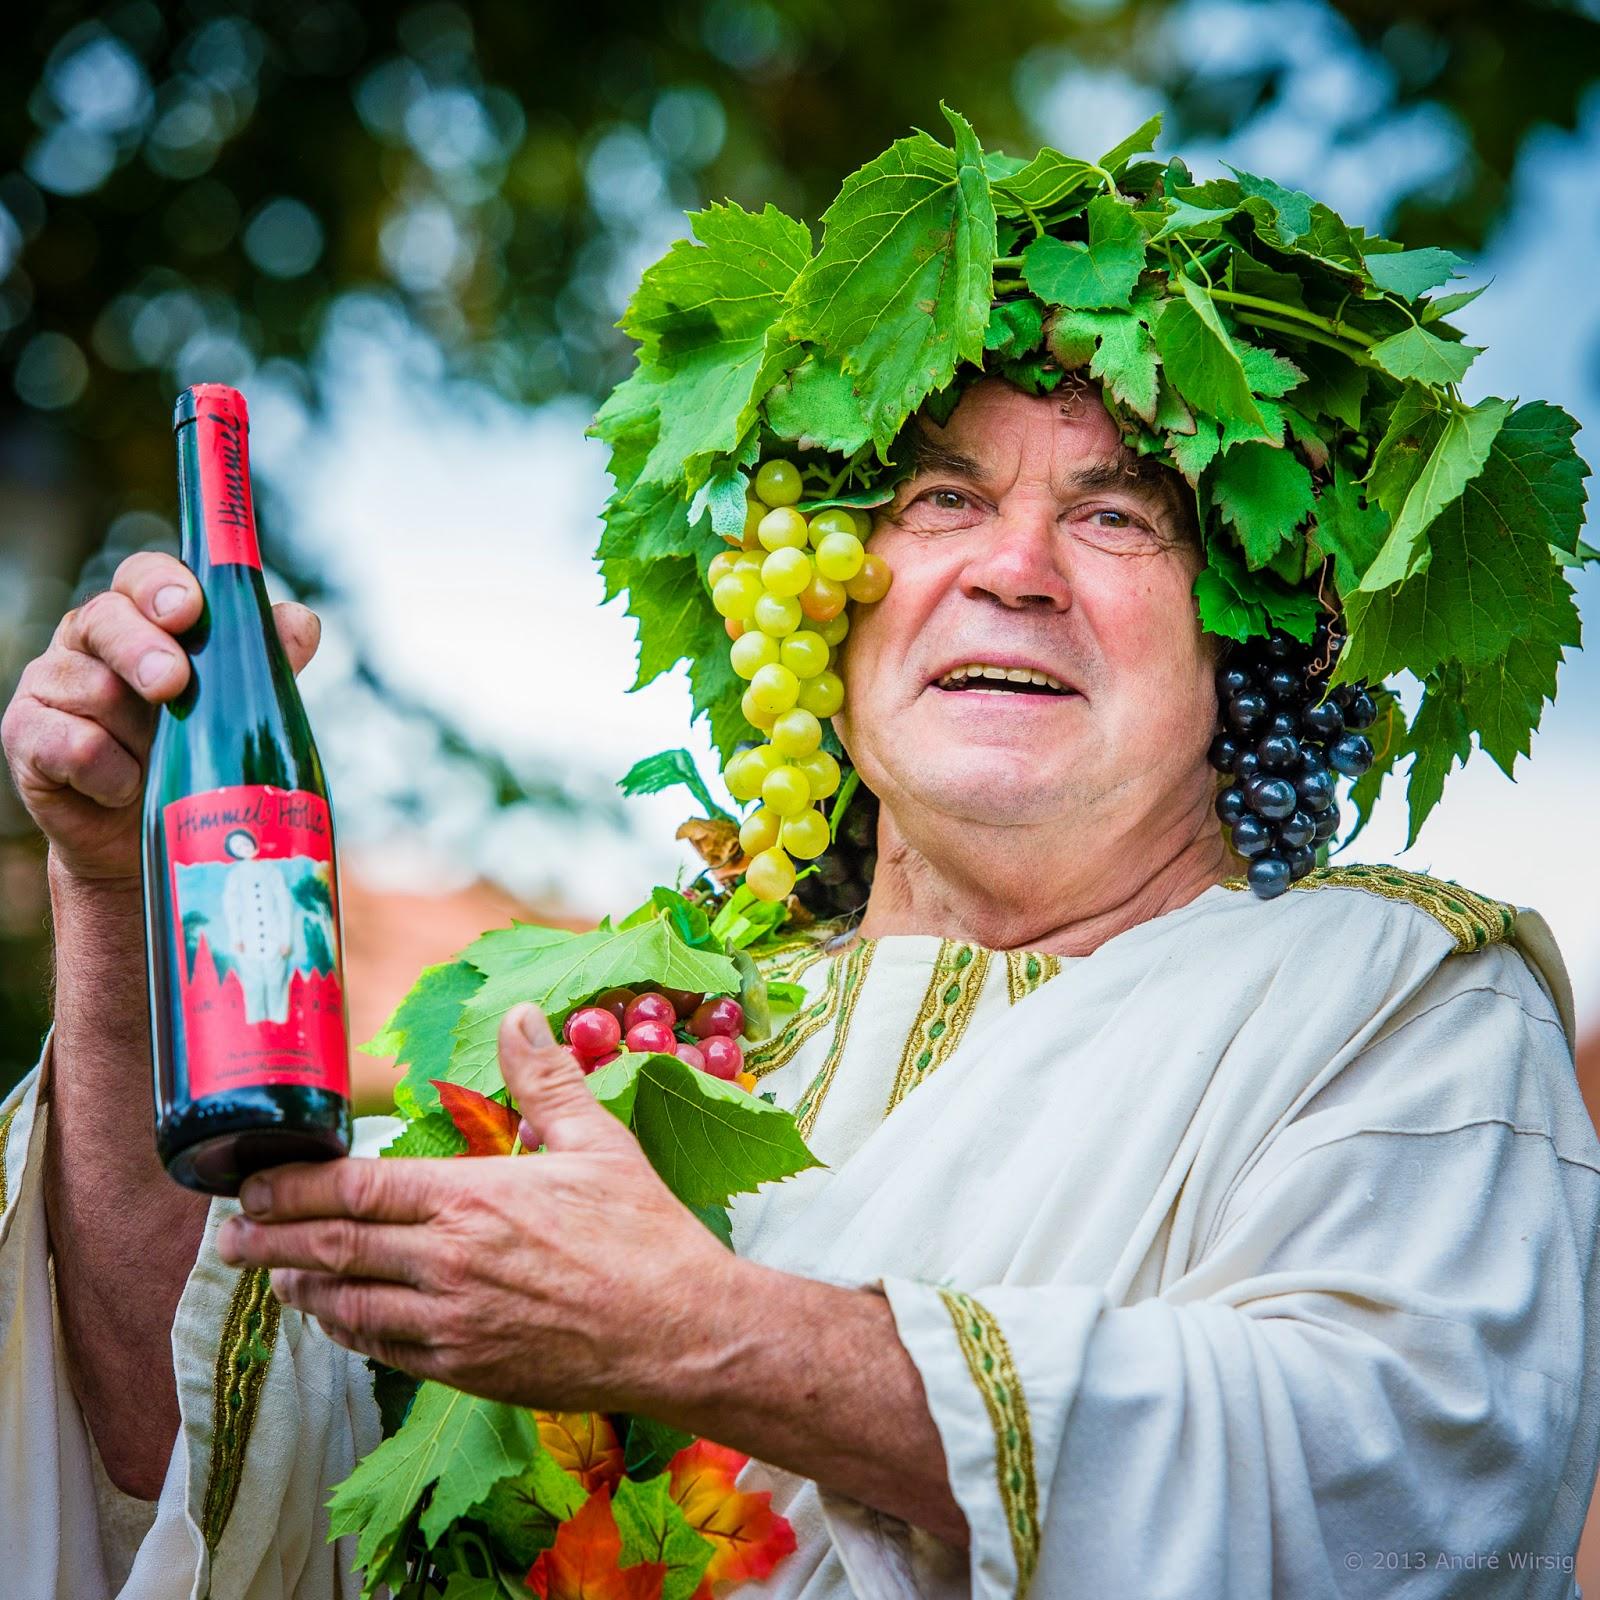 Schauspieler Herbert Graedtke, der Vorsitzende des Fördervereins Internationales Wandertheaterfestival Radebeul, mit der Weinsonderedition 2013. Foto: André Wirsig